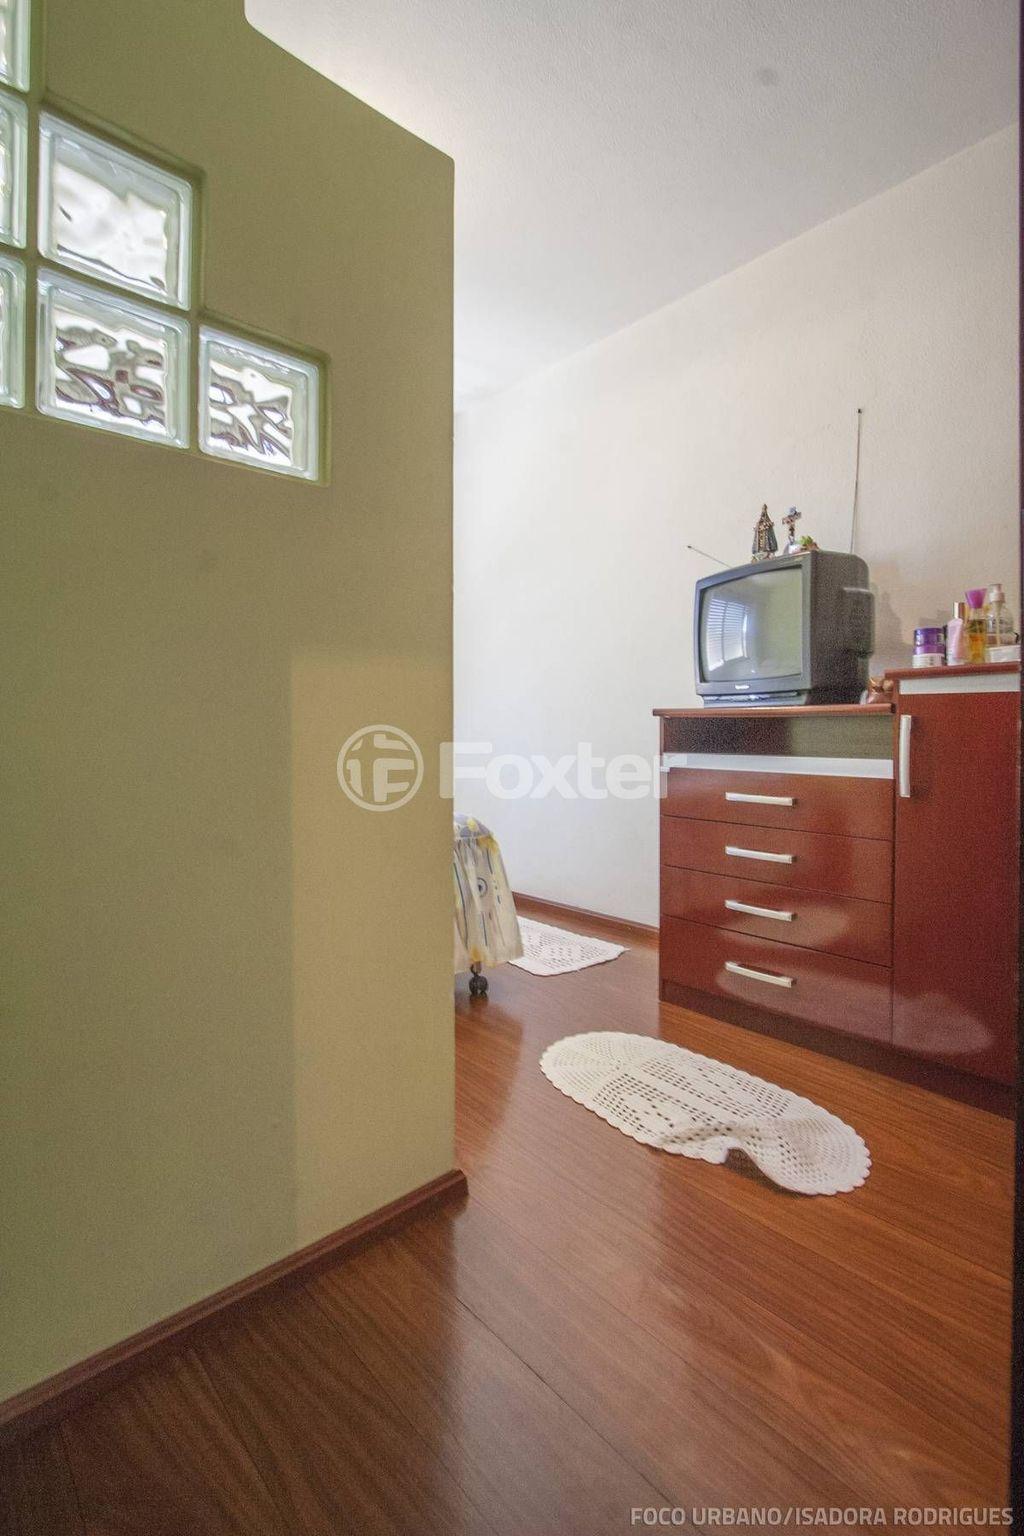 Foxter Imobiliária - Apto 1 Dorm, Vila Jardim - Foto 12